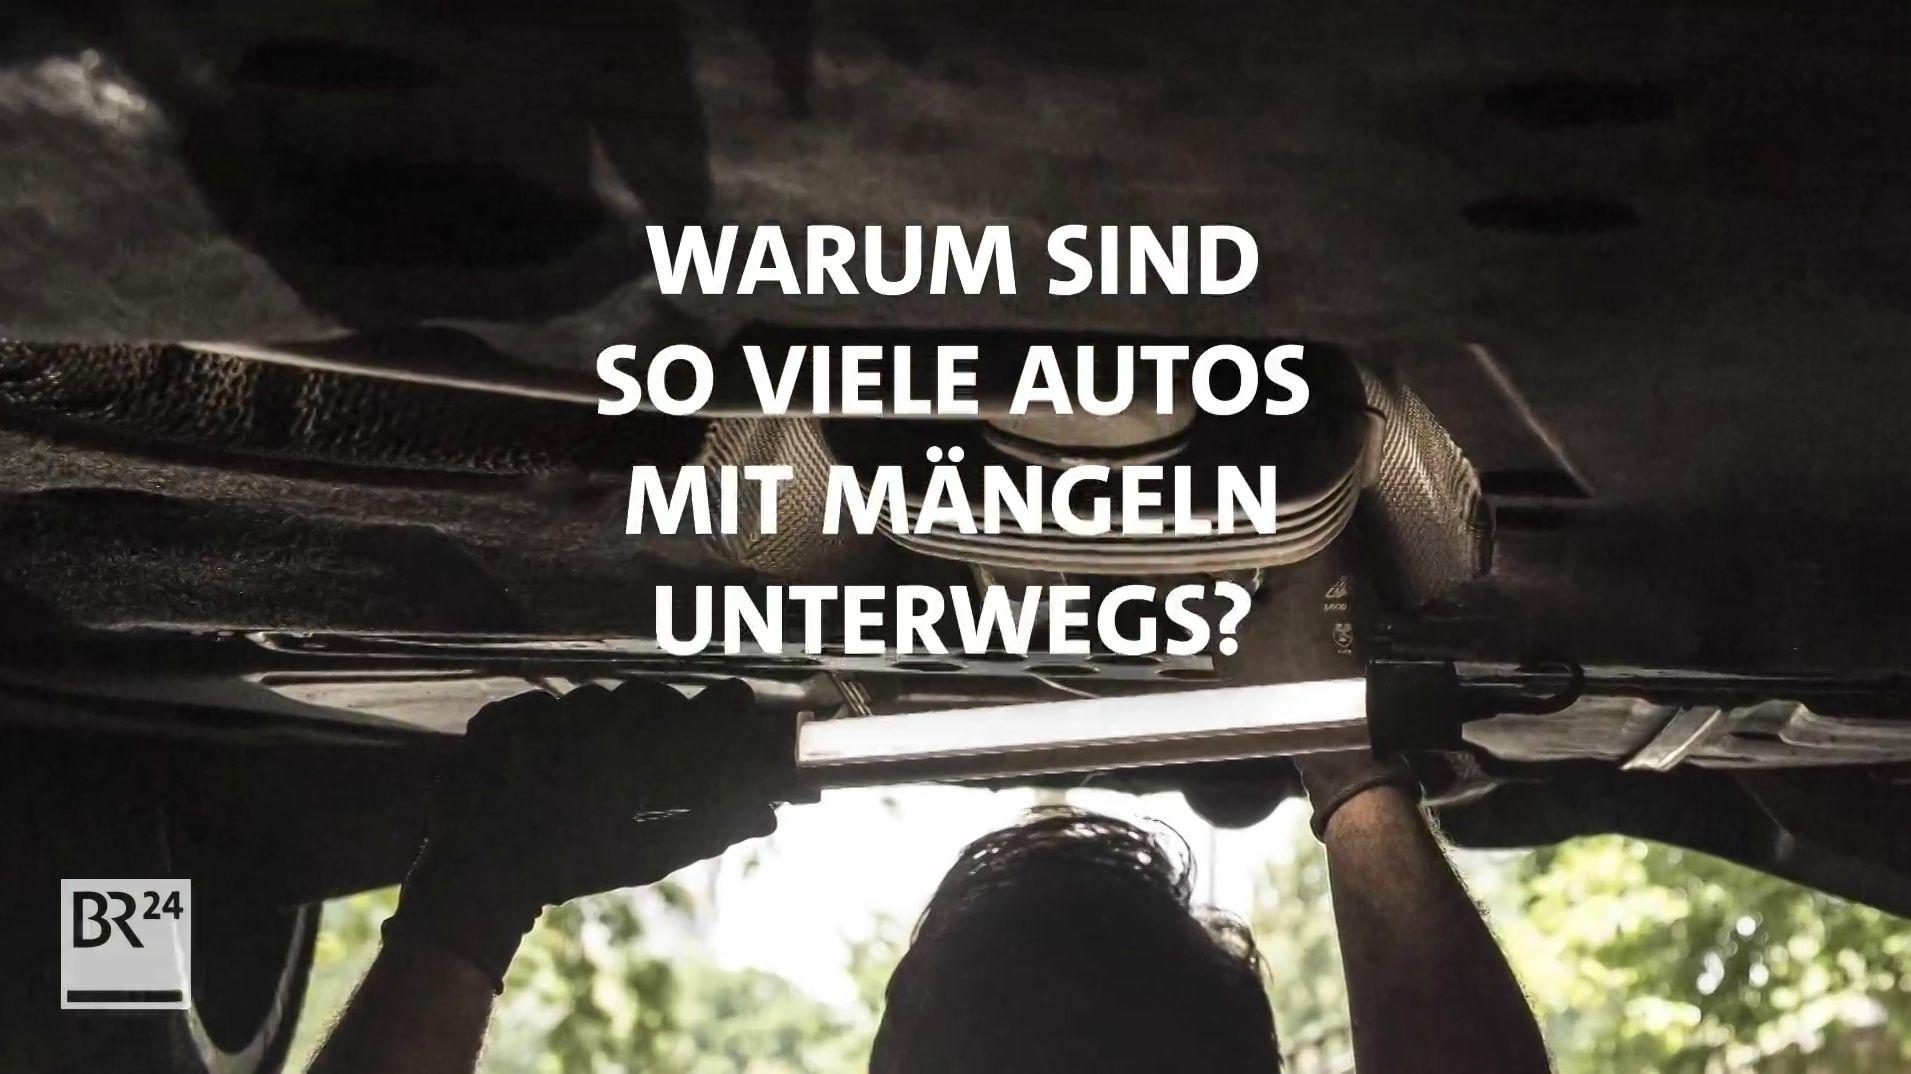 #fragBR24: Warum sind so viele Autos mit Mängeln unterwegs?